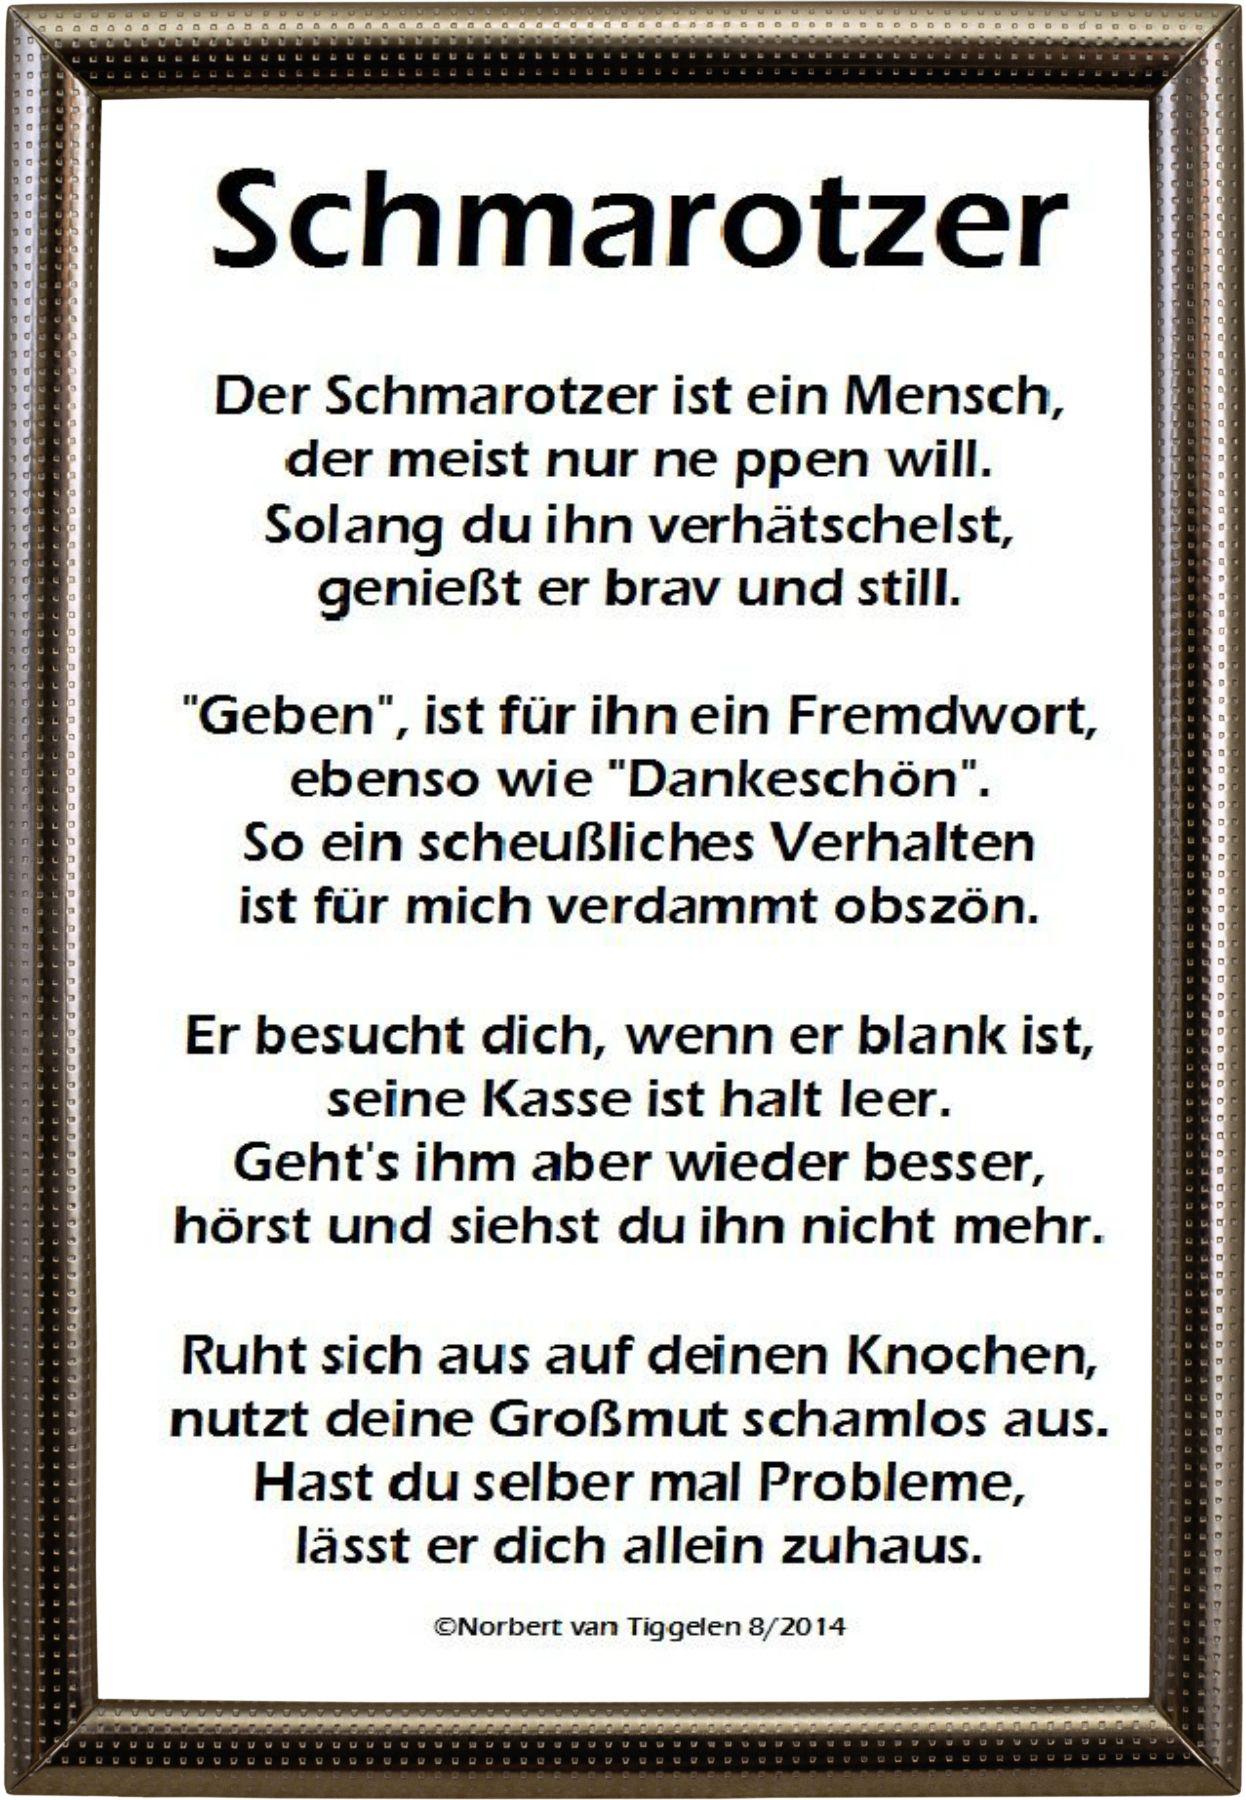 Pin auf selbstgebastelte Rahmen mit Gedichte von Norbert